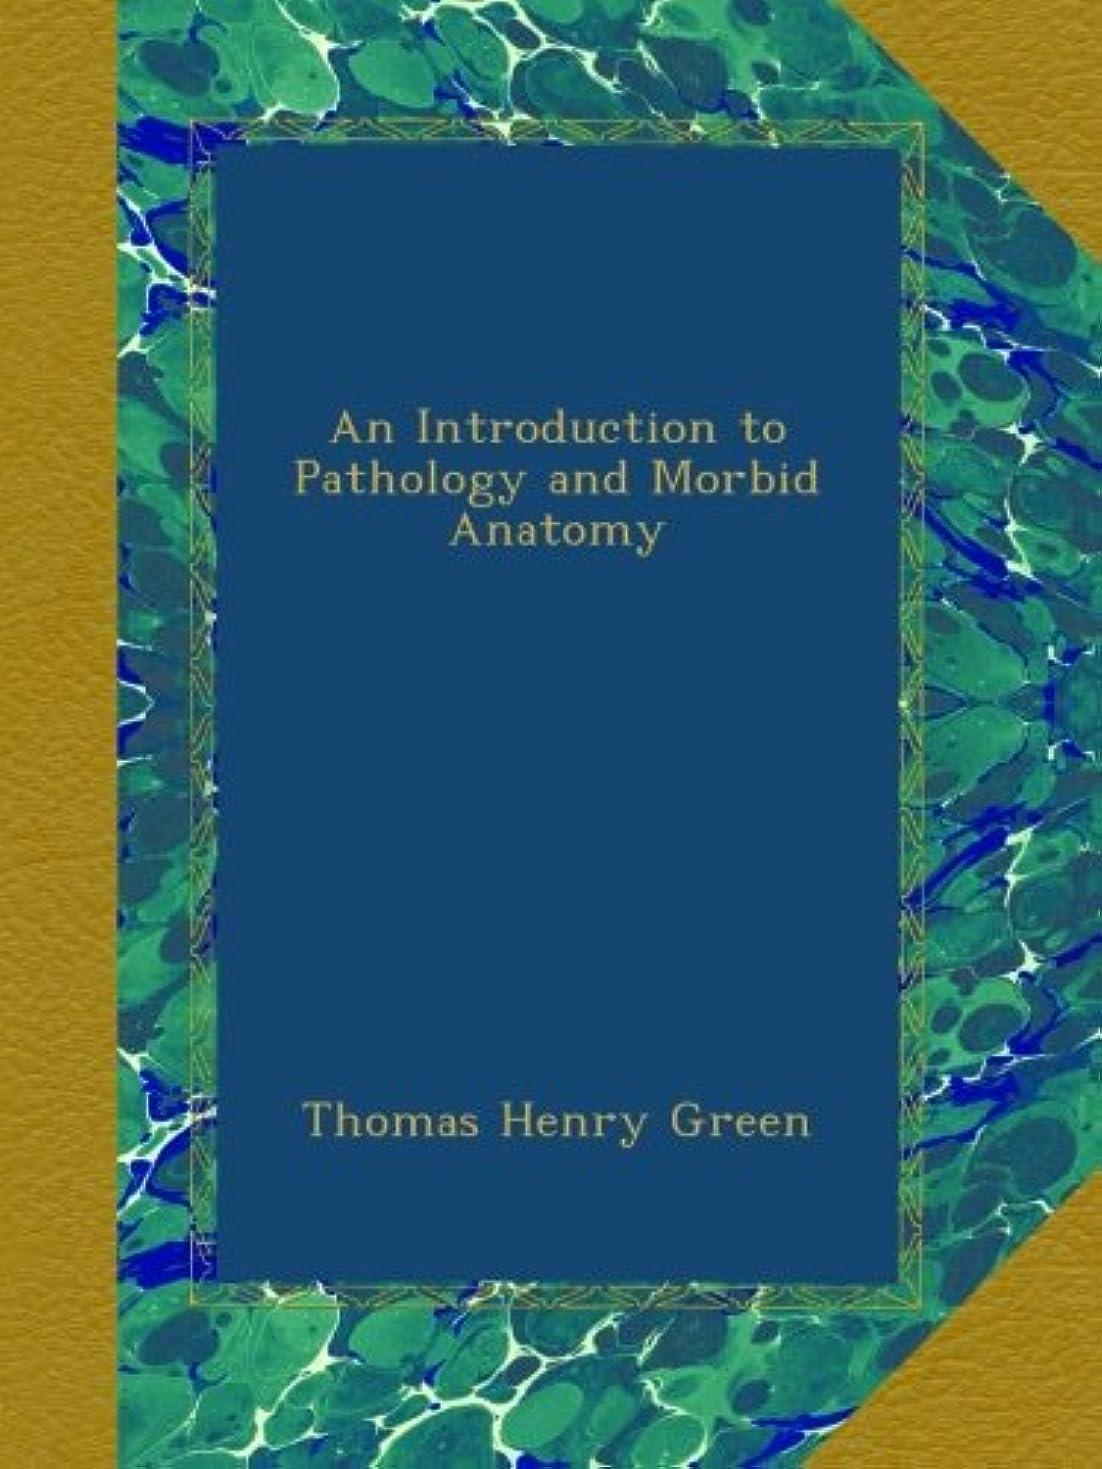 トロリーバスマルクス主義いろいろAn Introduction to Pathology and Morbid Anatomy